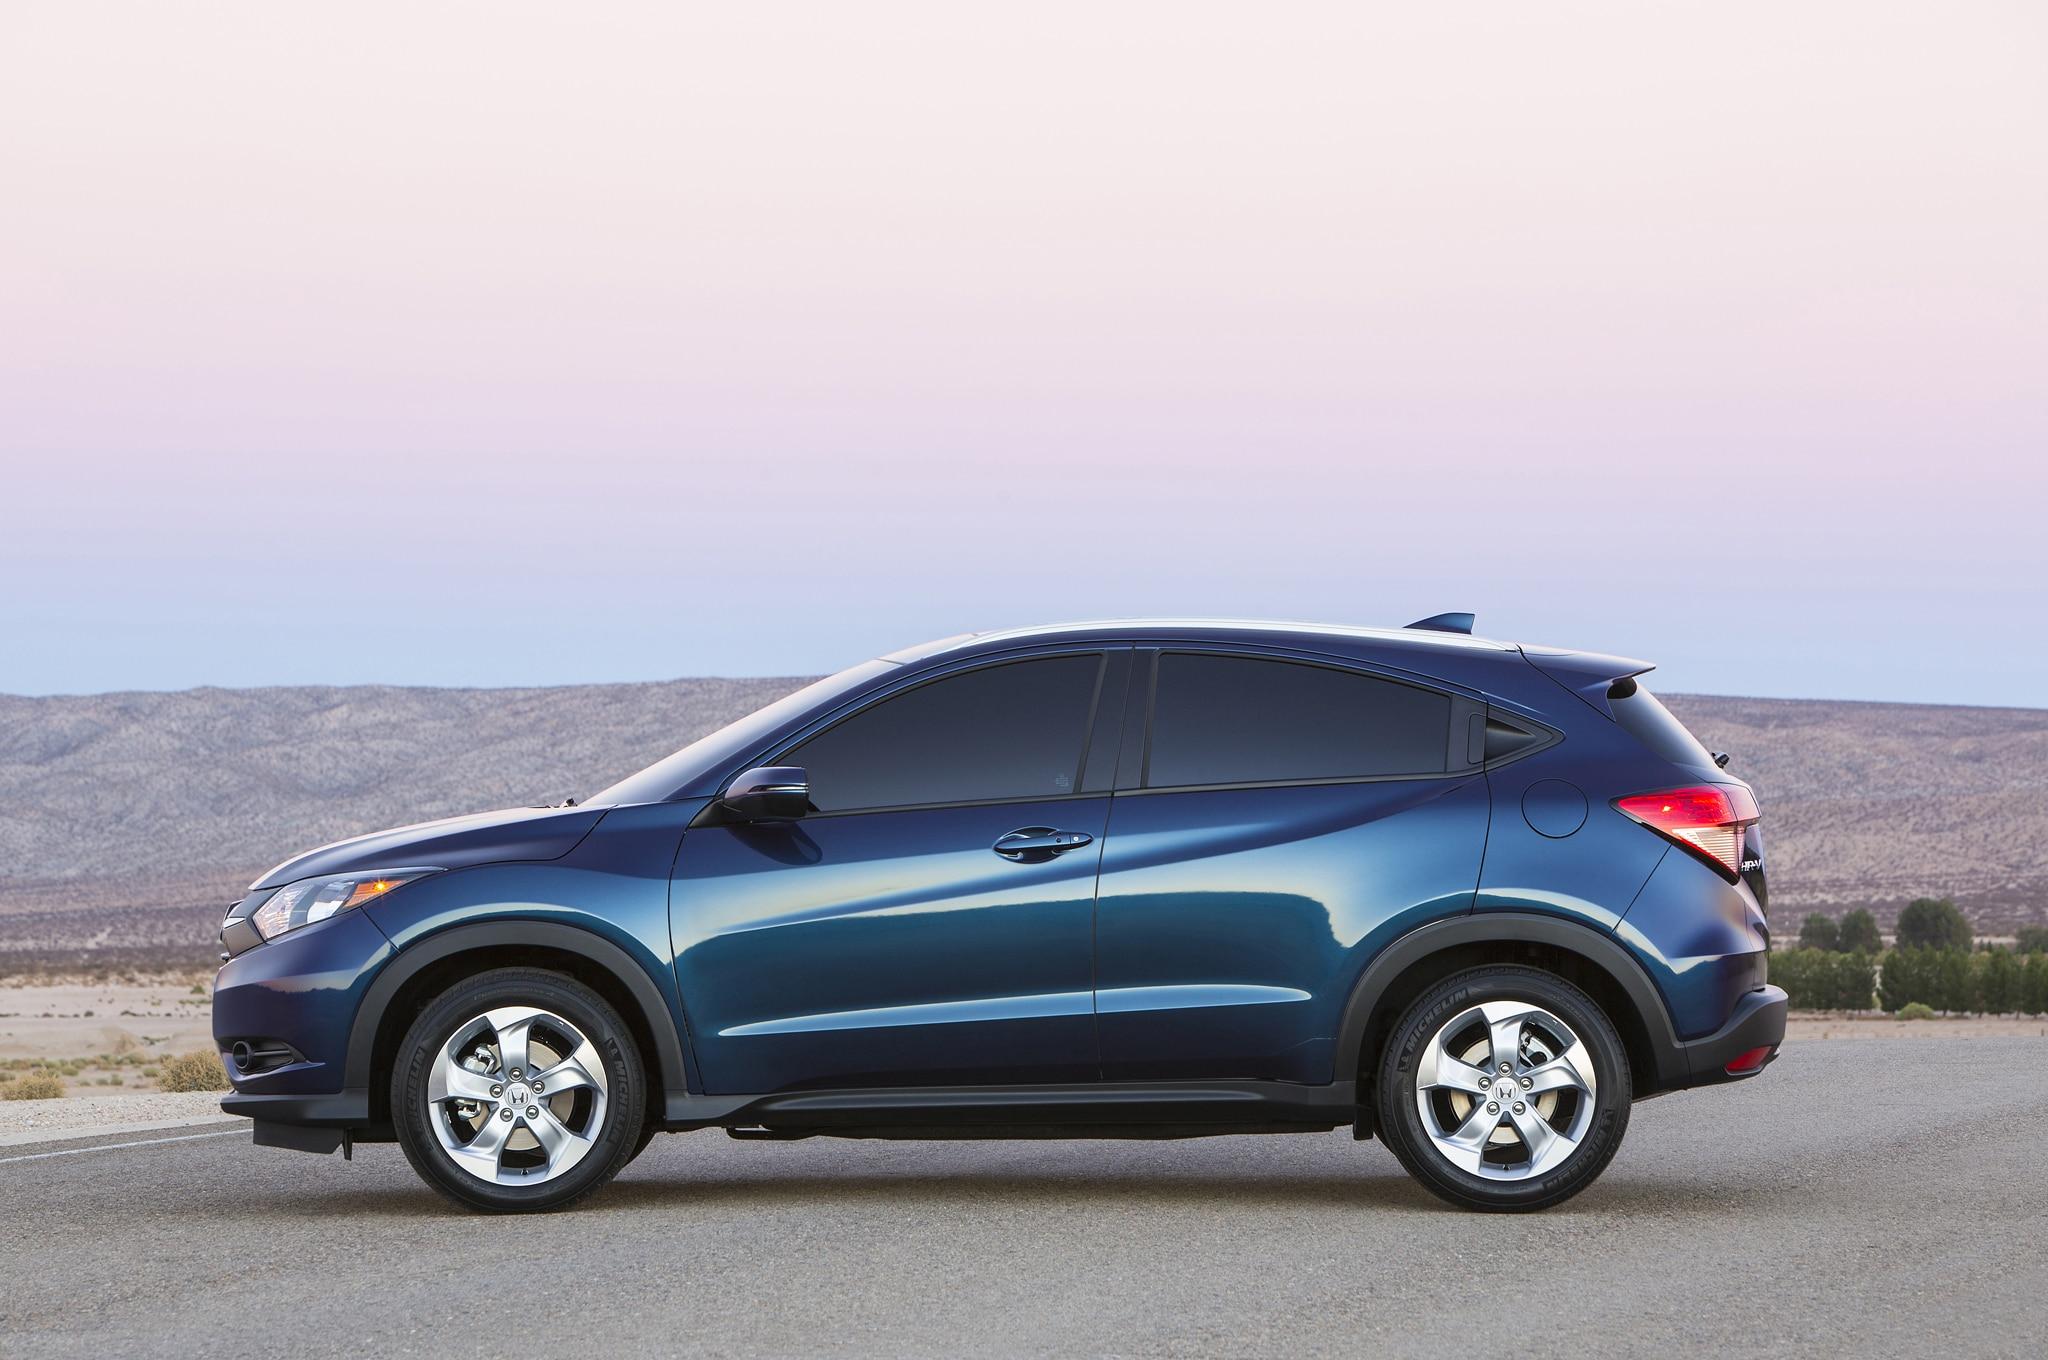 Fantastic 2016 Honda HRV Review